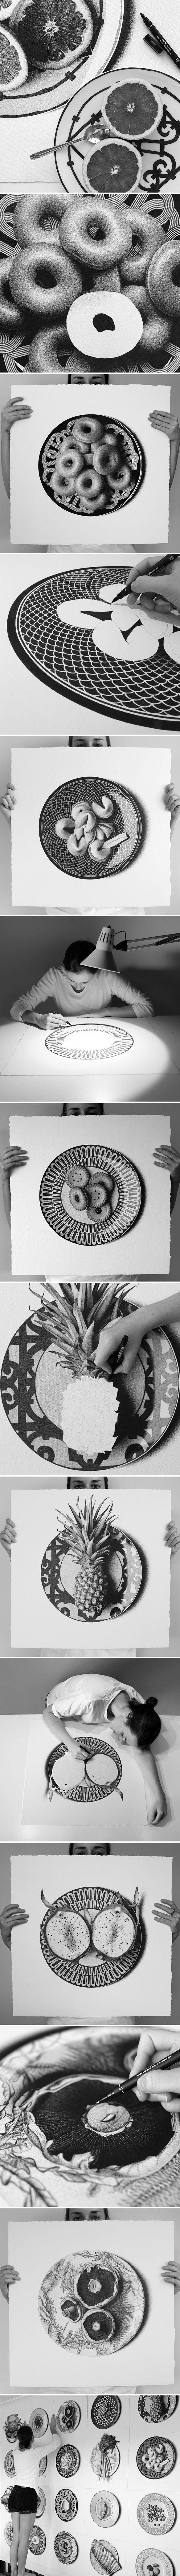 ink drawings by cj hendry